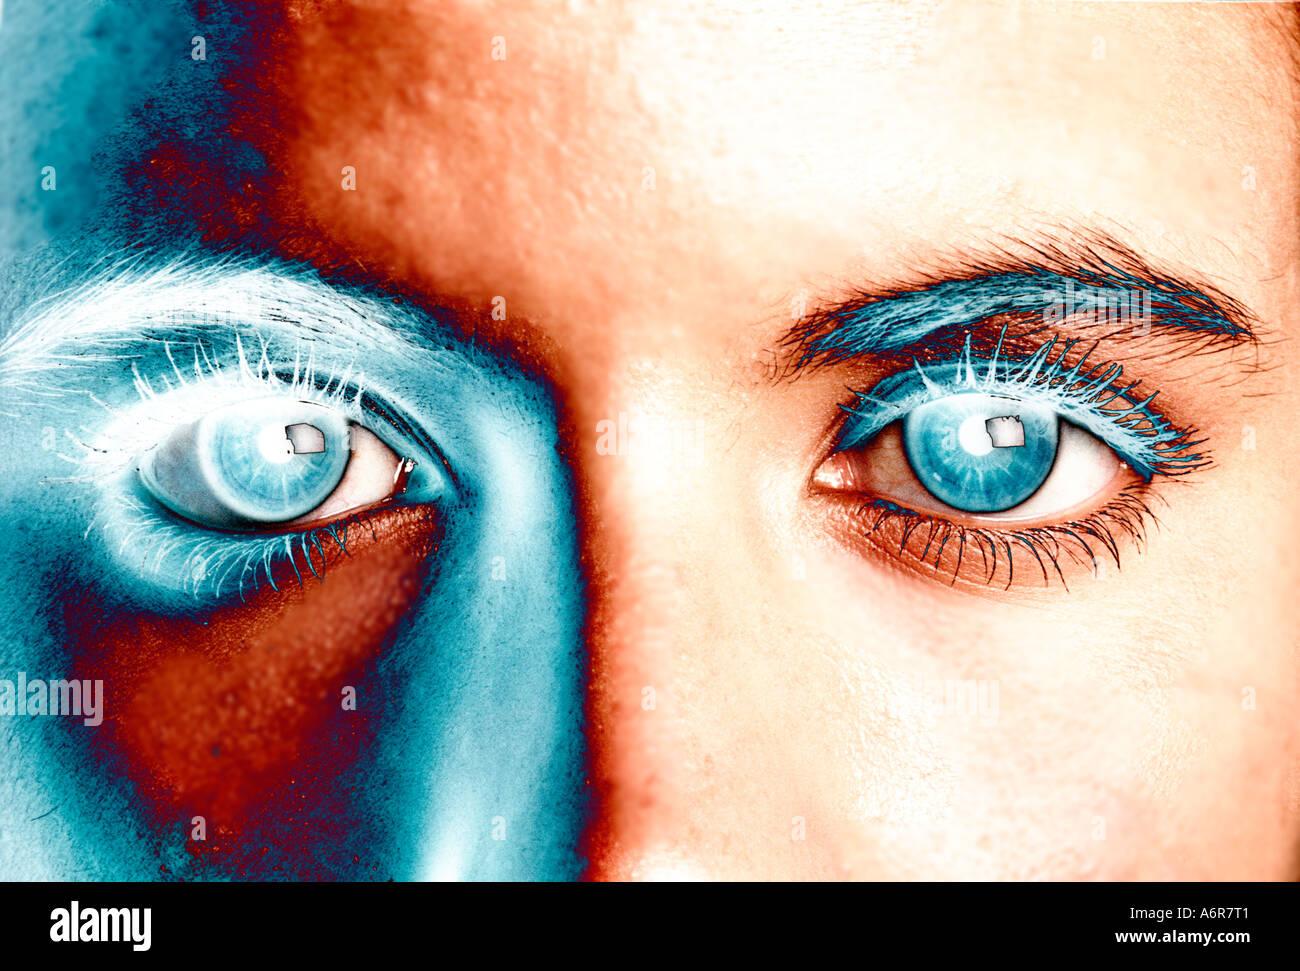 Concepto closeup solarizado de ojos de una mujer joven Imagen De Stock